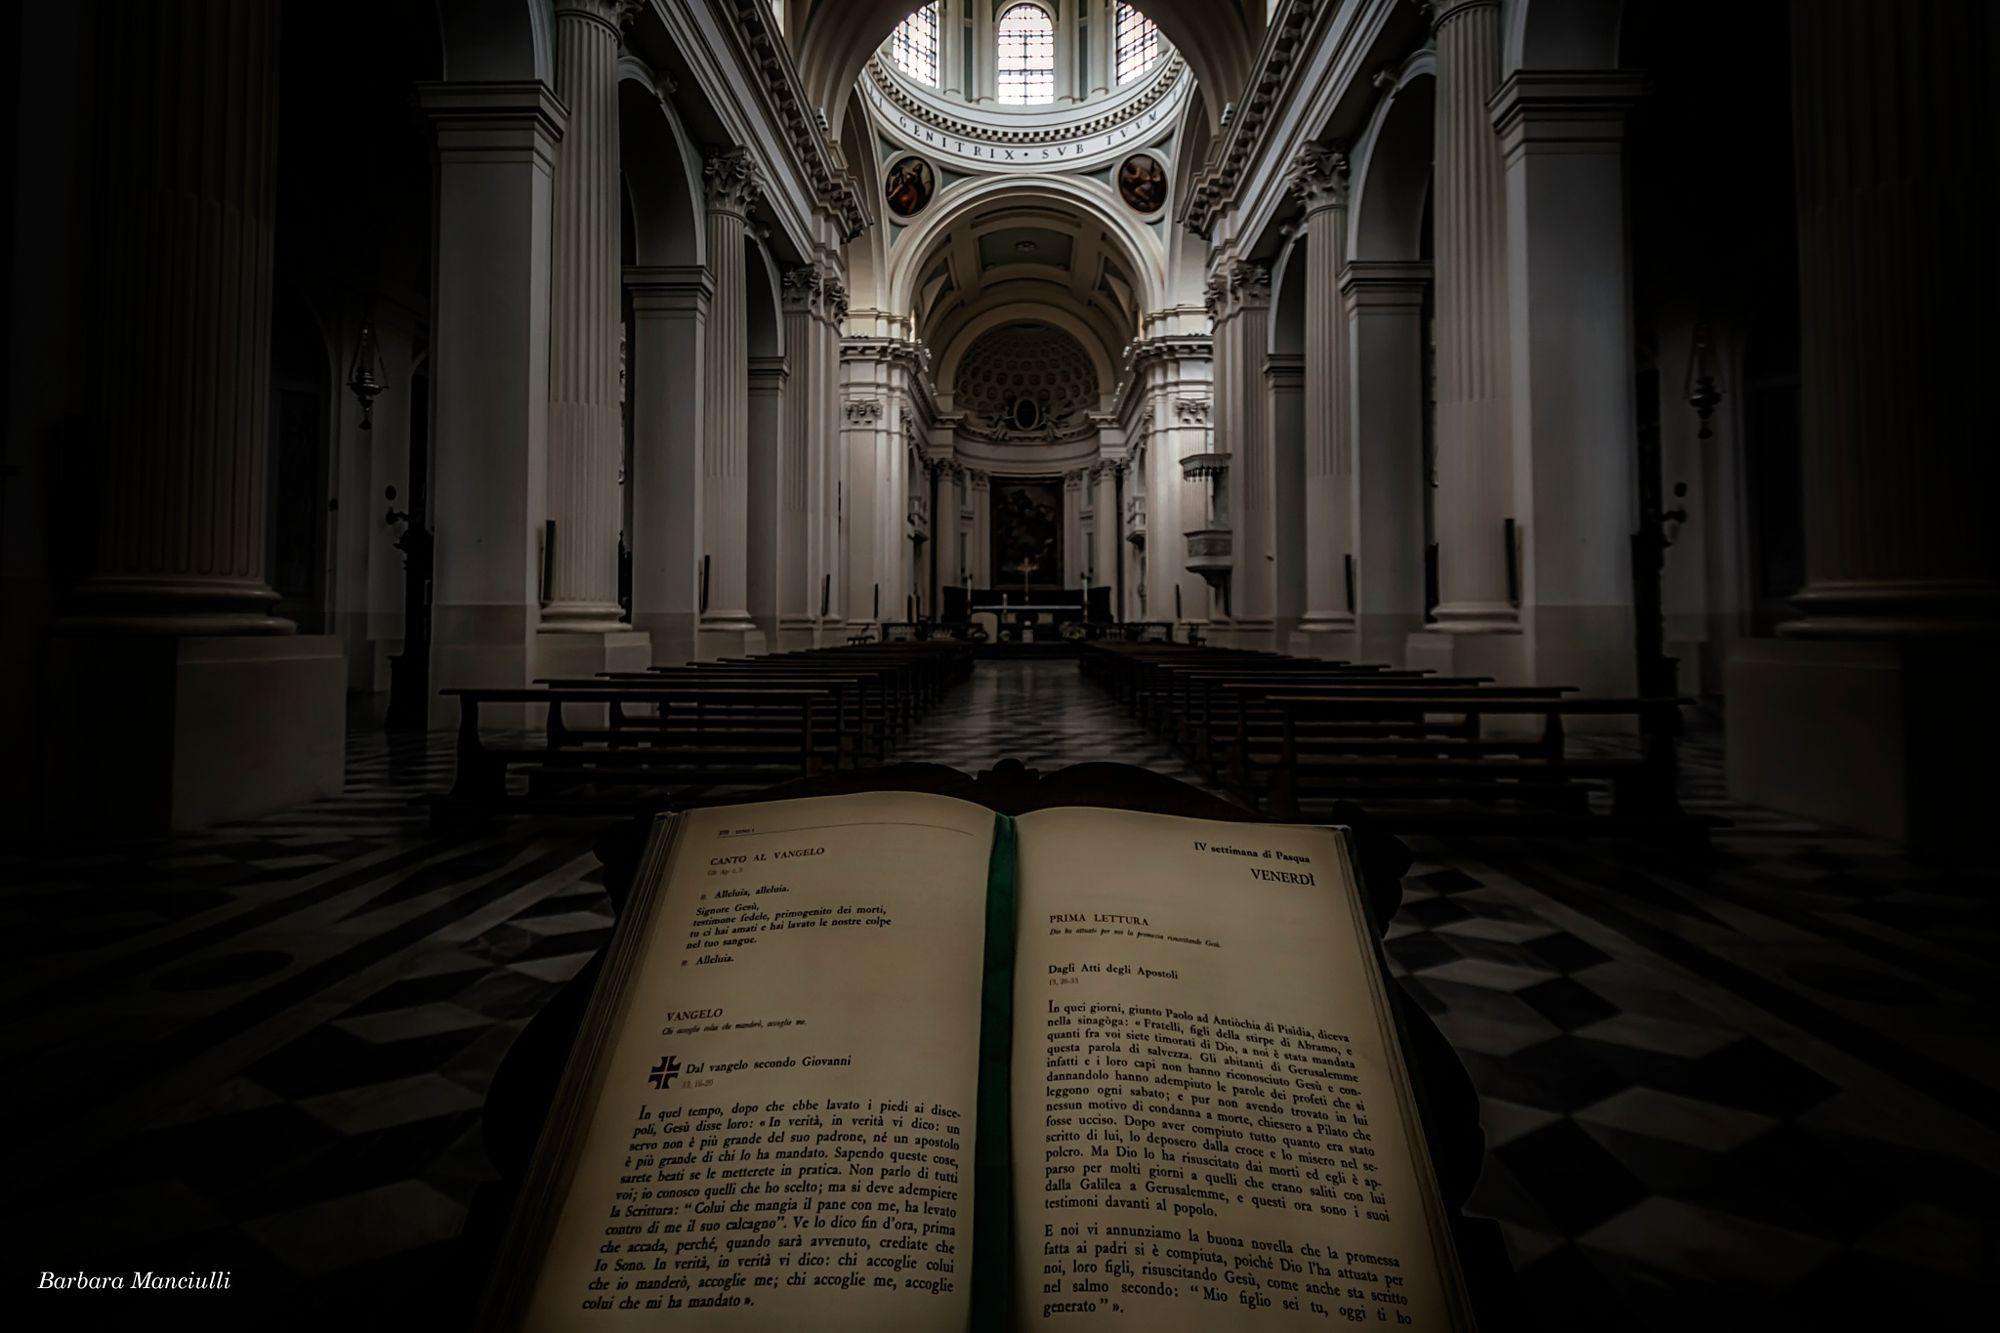 prima lettura- dagli atti degli apostoli  City and architecture photo by barbaramanciulli65 http://rarme.com/?F9gZi